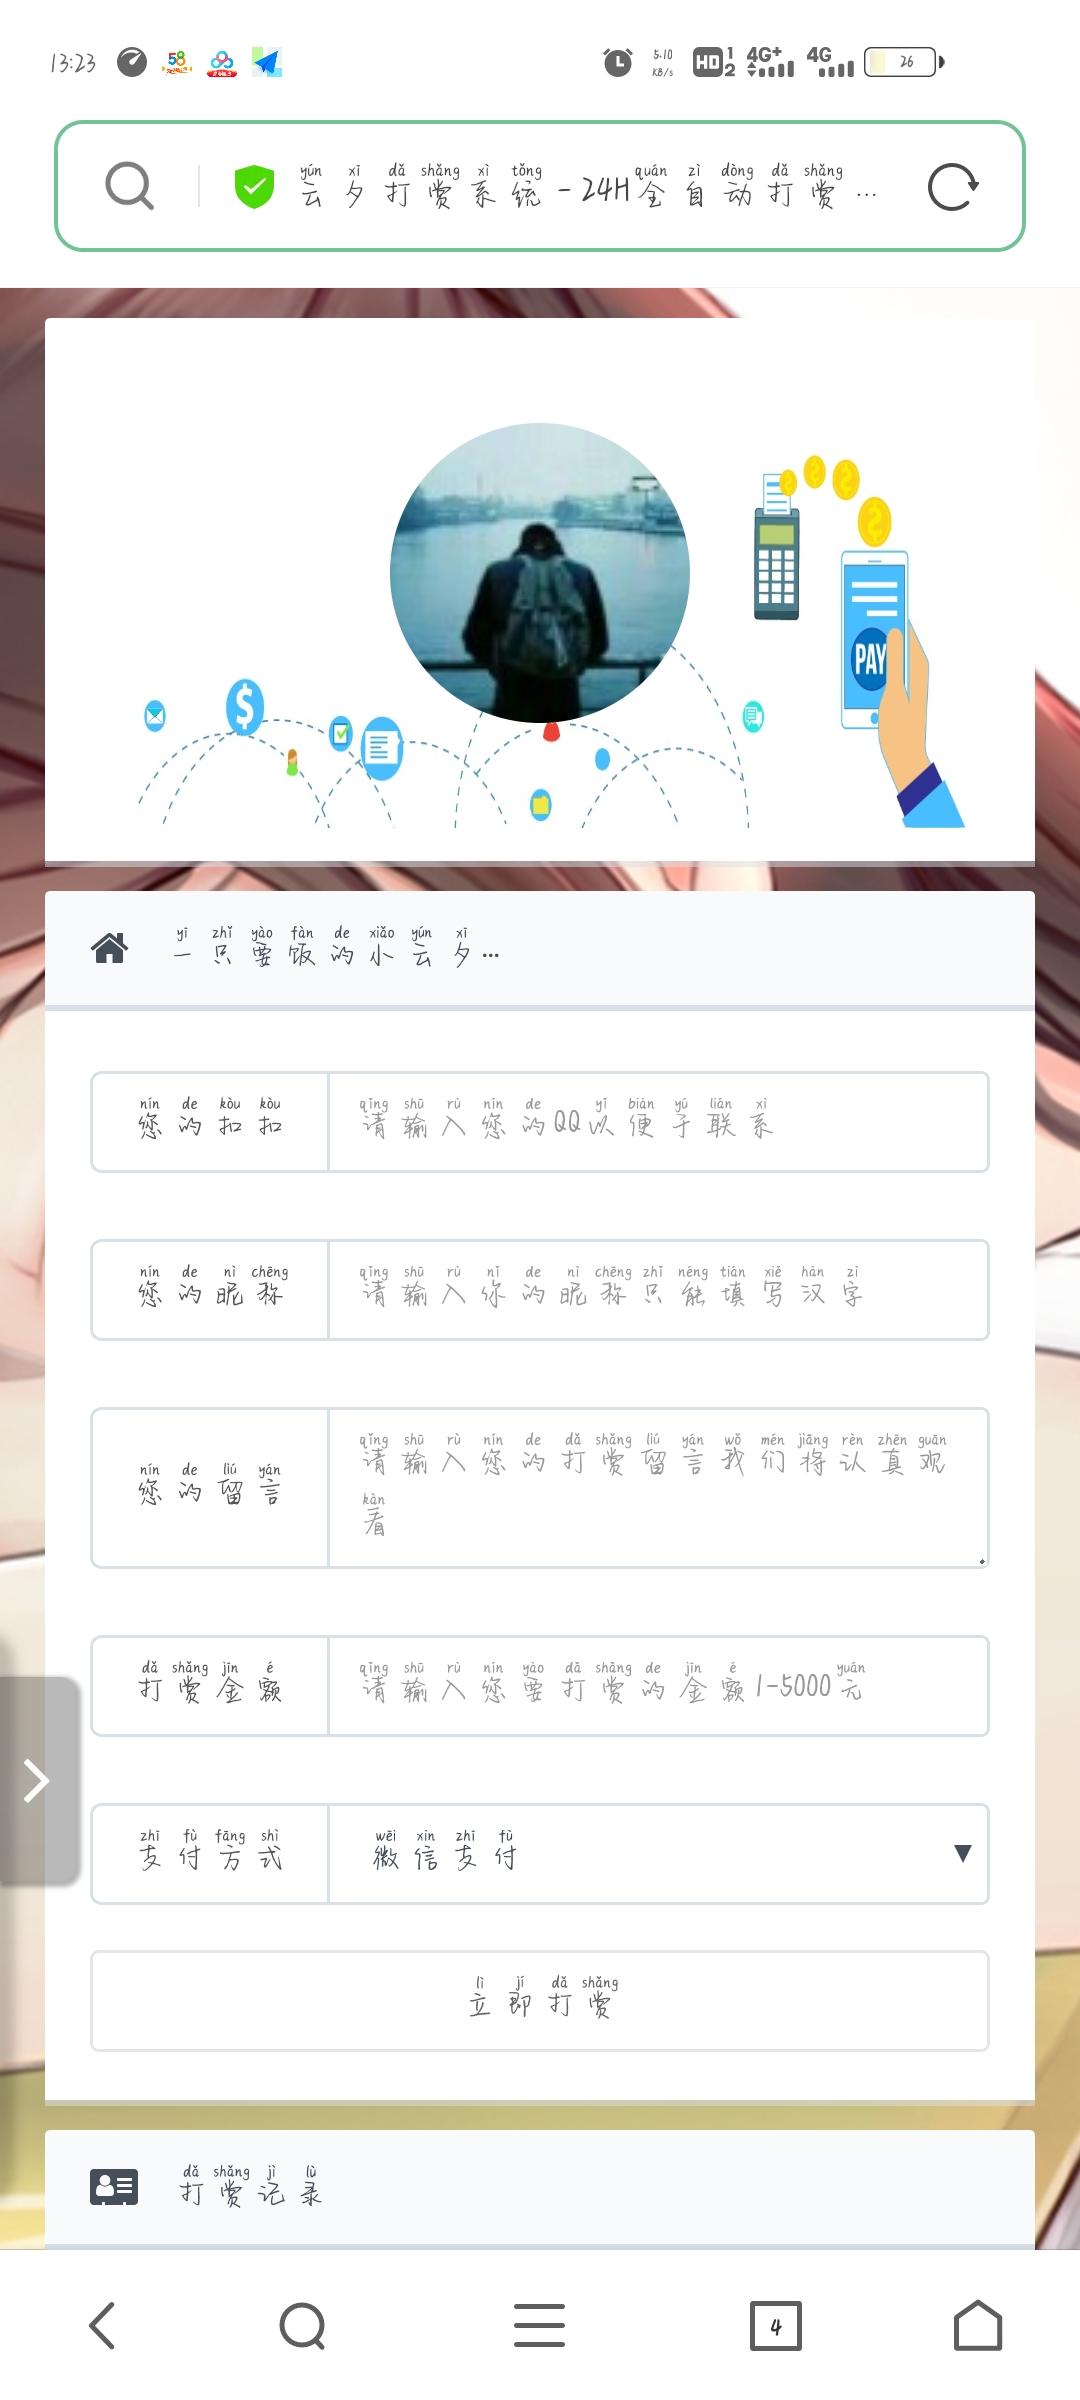 亲测丨最新云夕打赏系统PHP源码分享免费下载